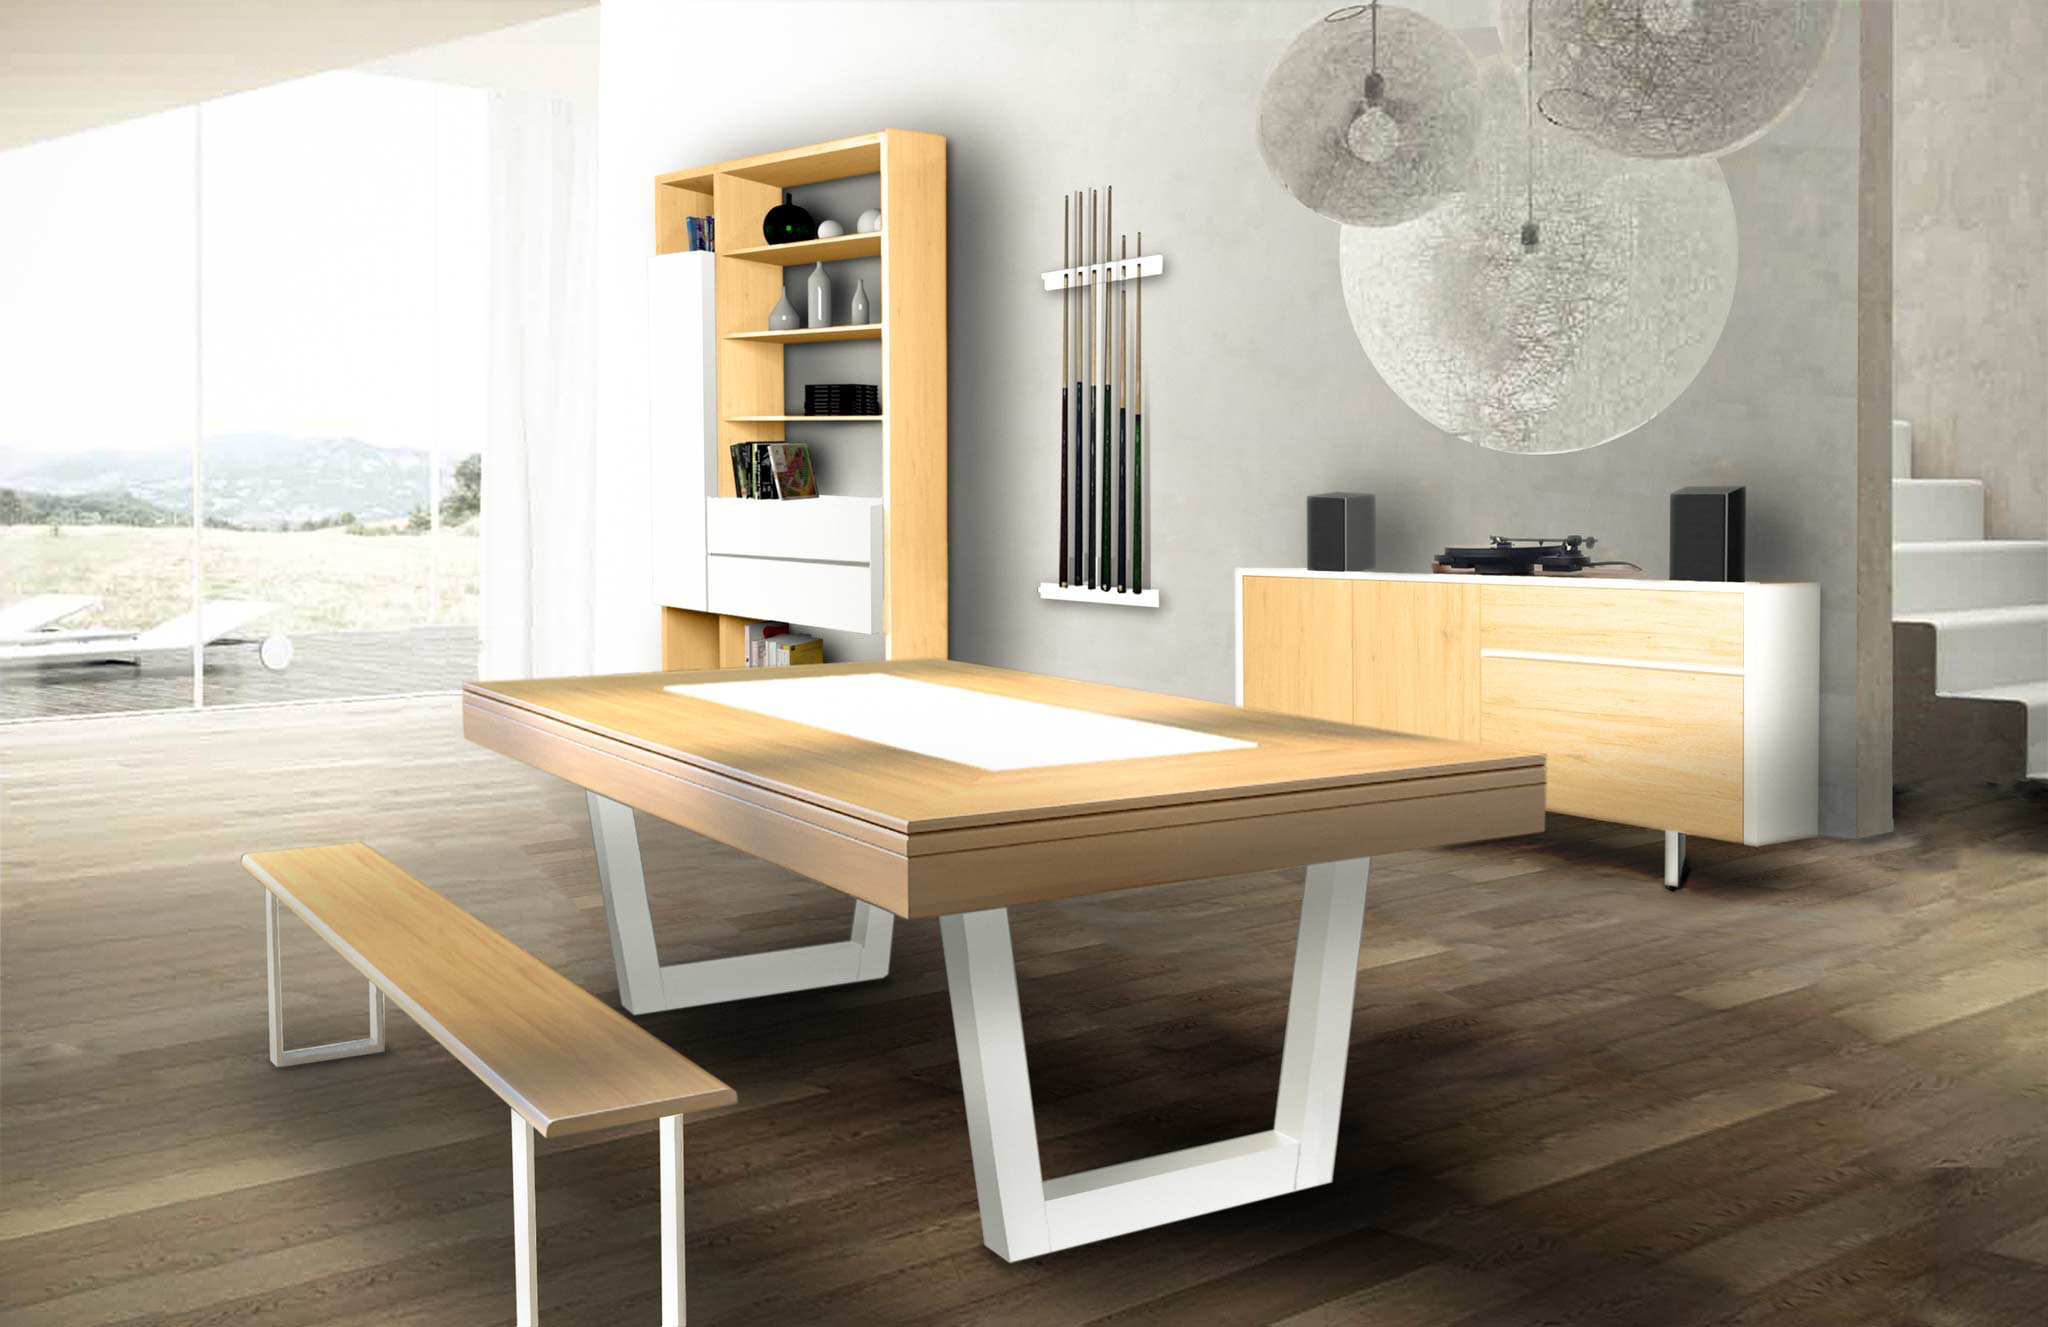 Billard HARMONY-V pieds blancs, banc, un buffet et meuble colonne assortis. Le plateau table en chêne avec decor central blanc